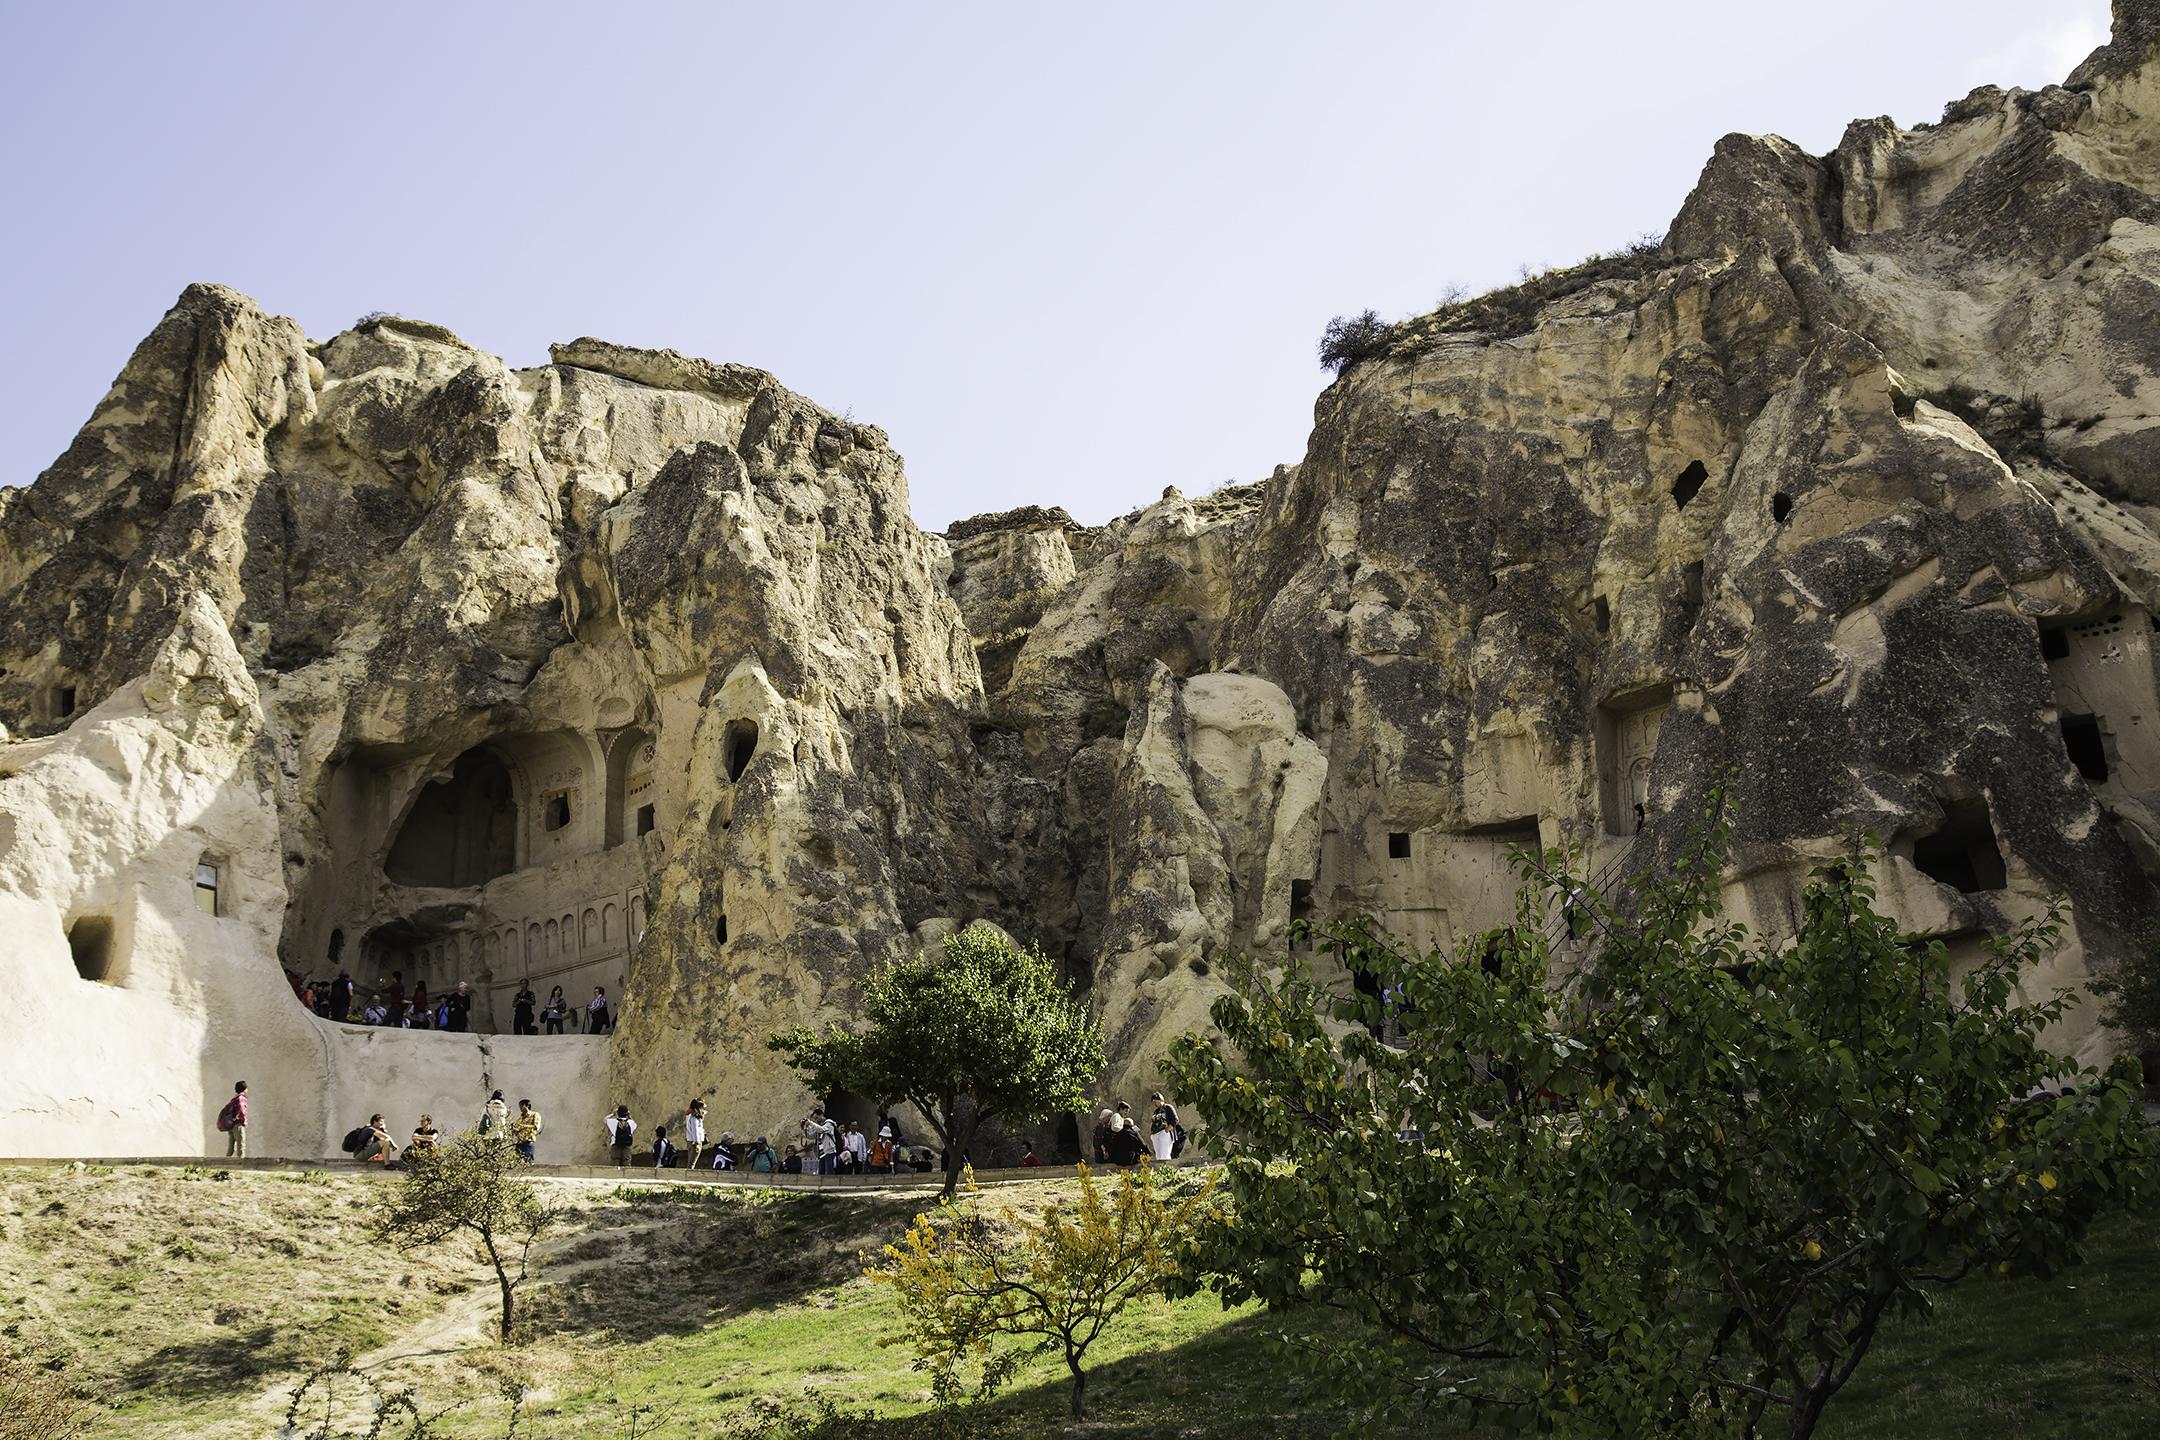 Open Air Museum, Goreme Valley, Cappadocia